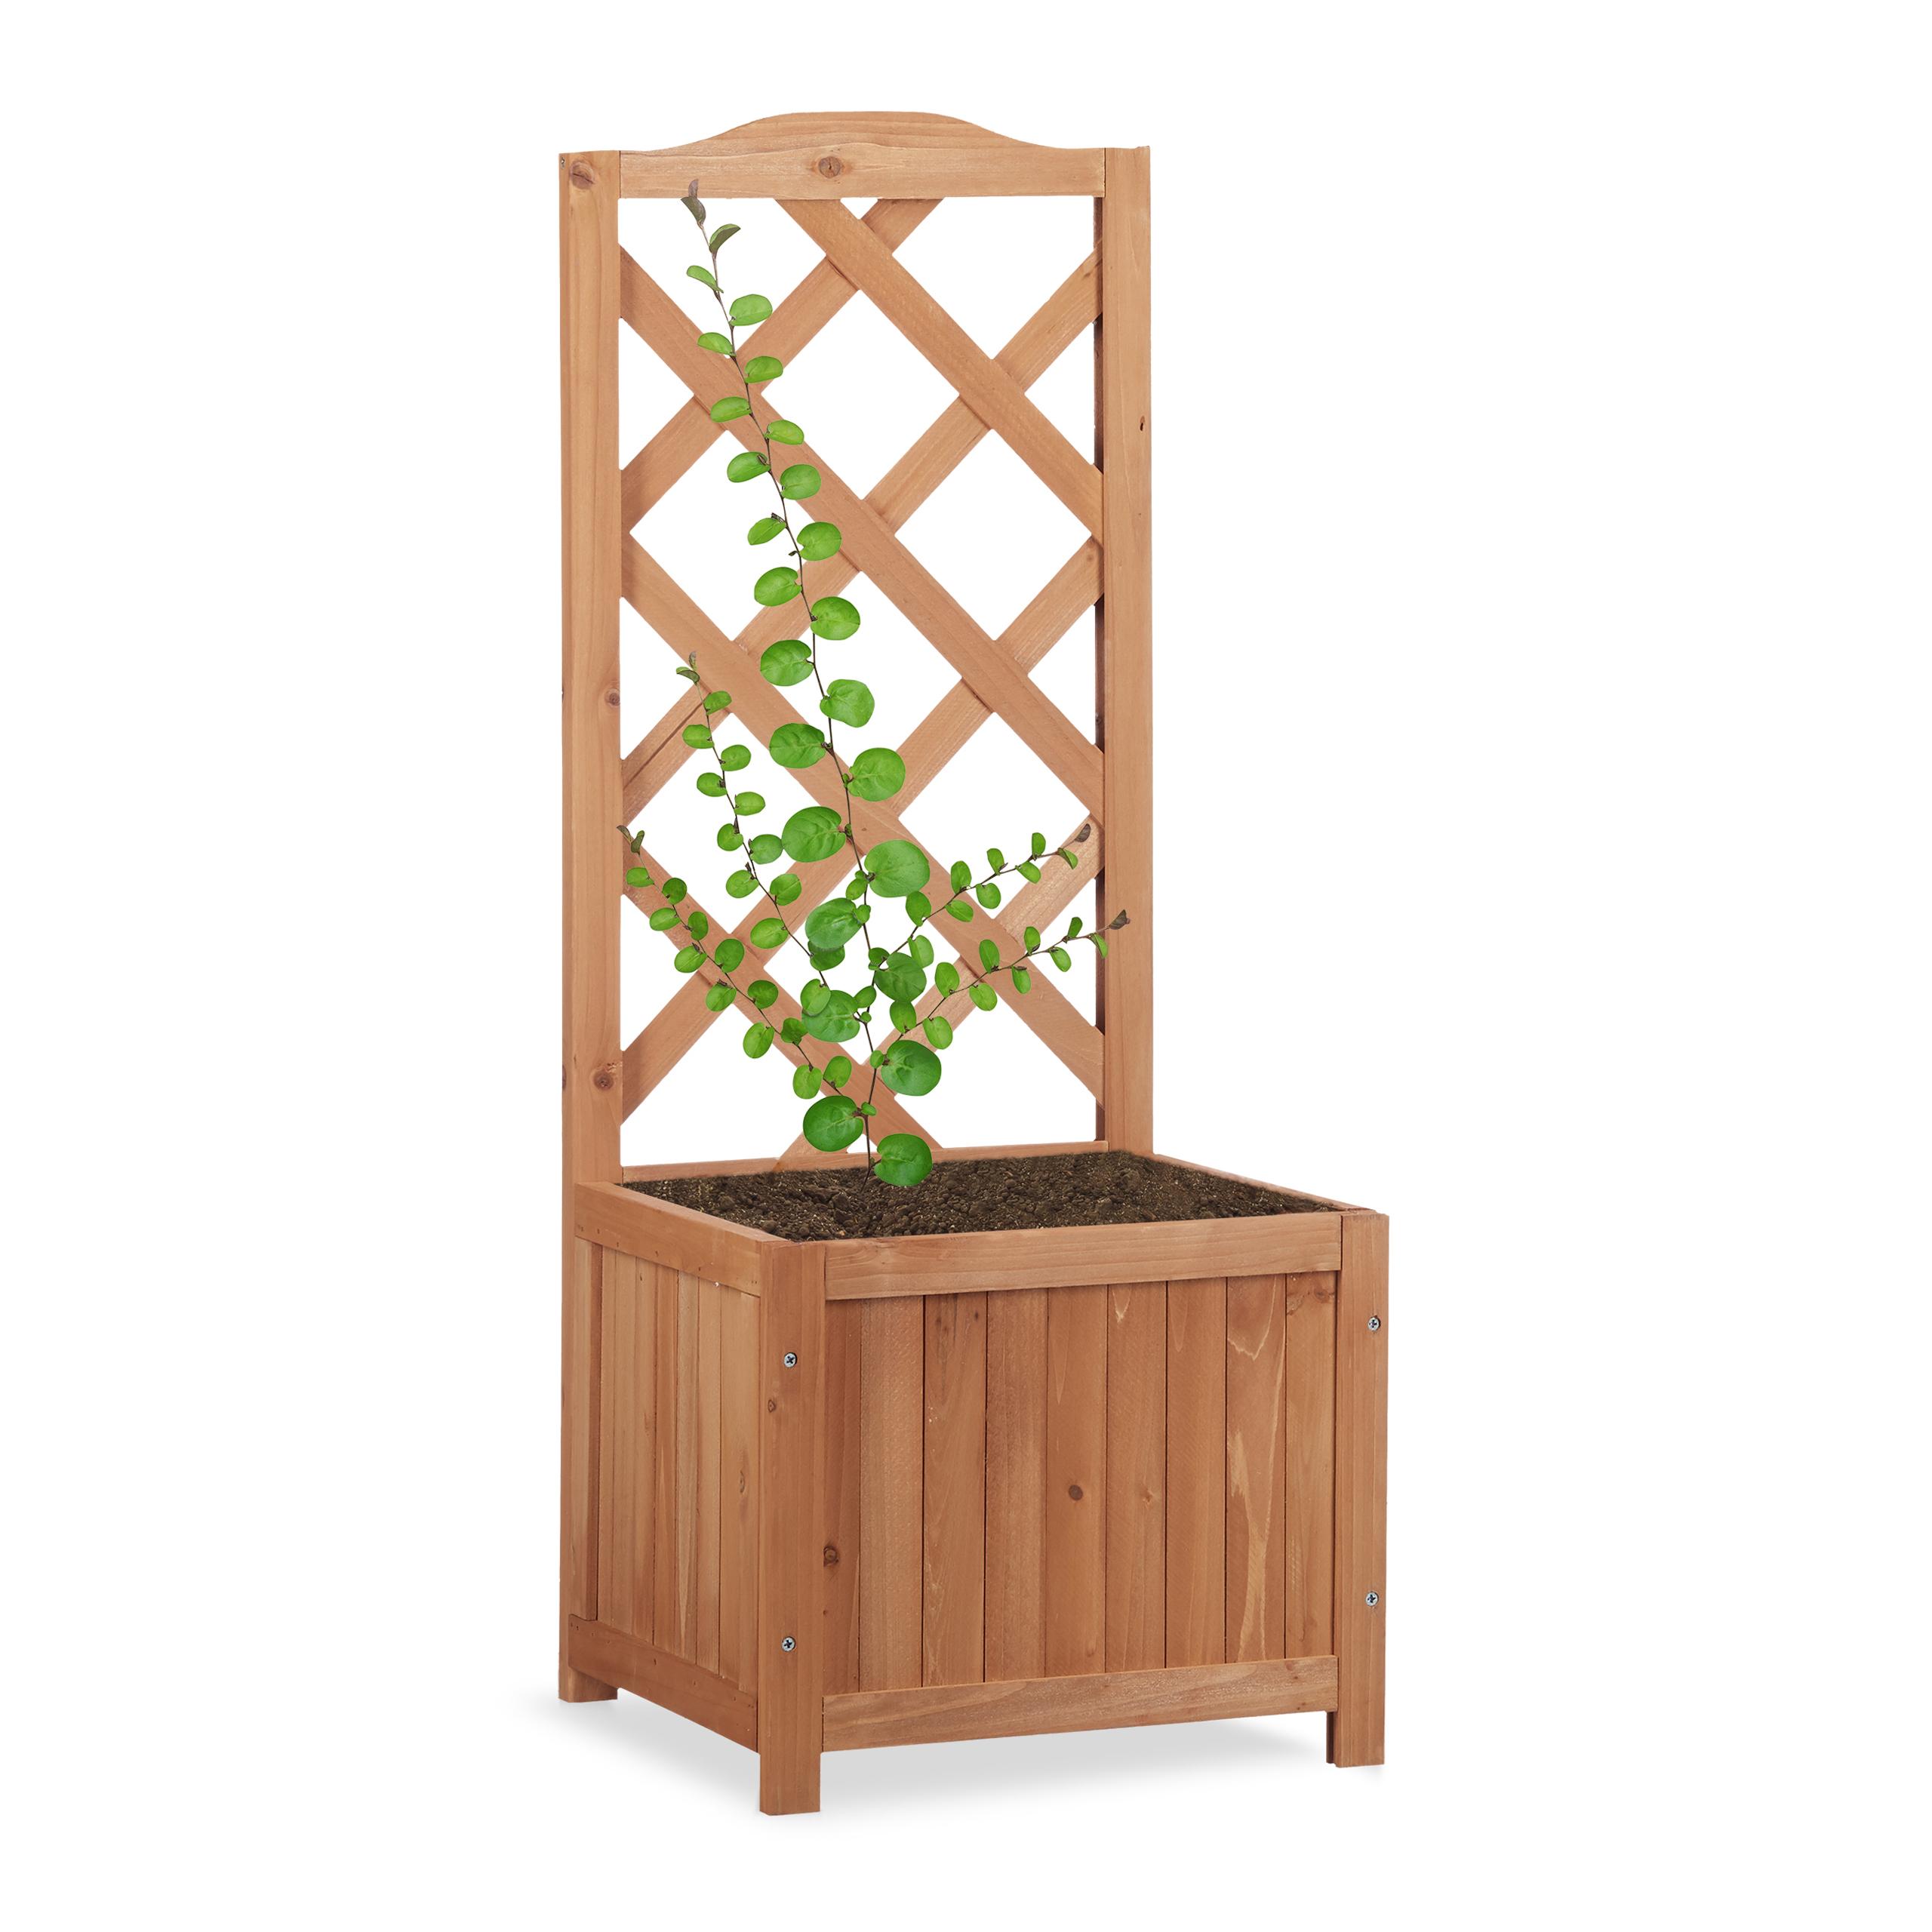 relaxdays jardinière avec treillis bac À fleurs treillage bois